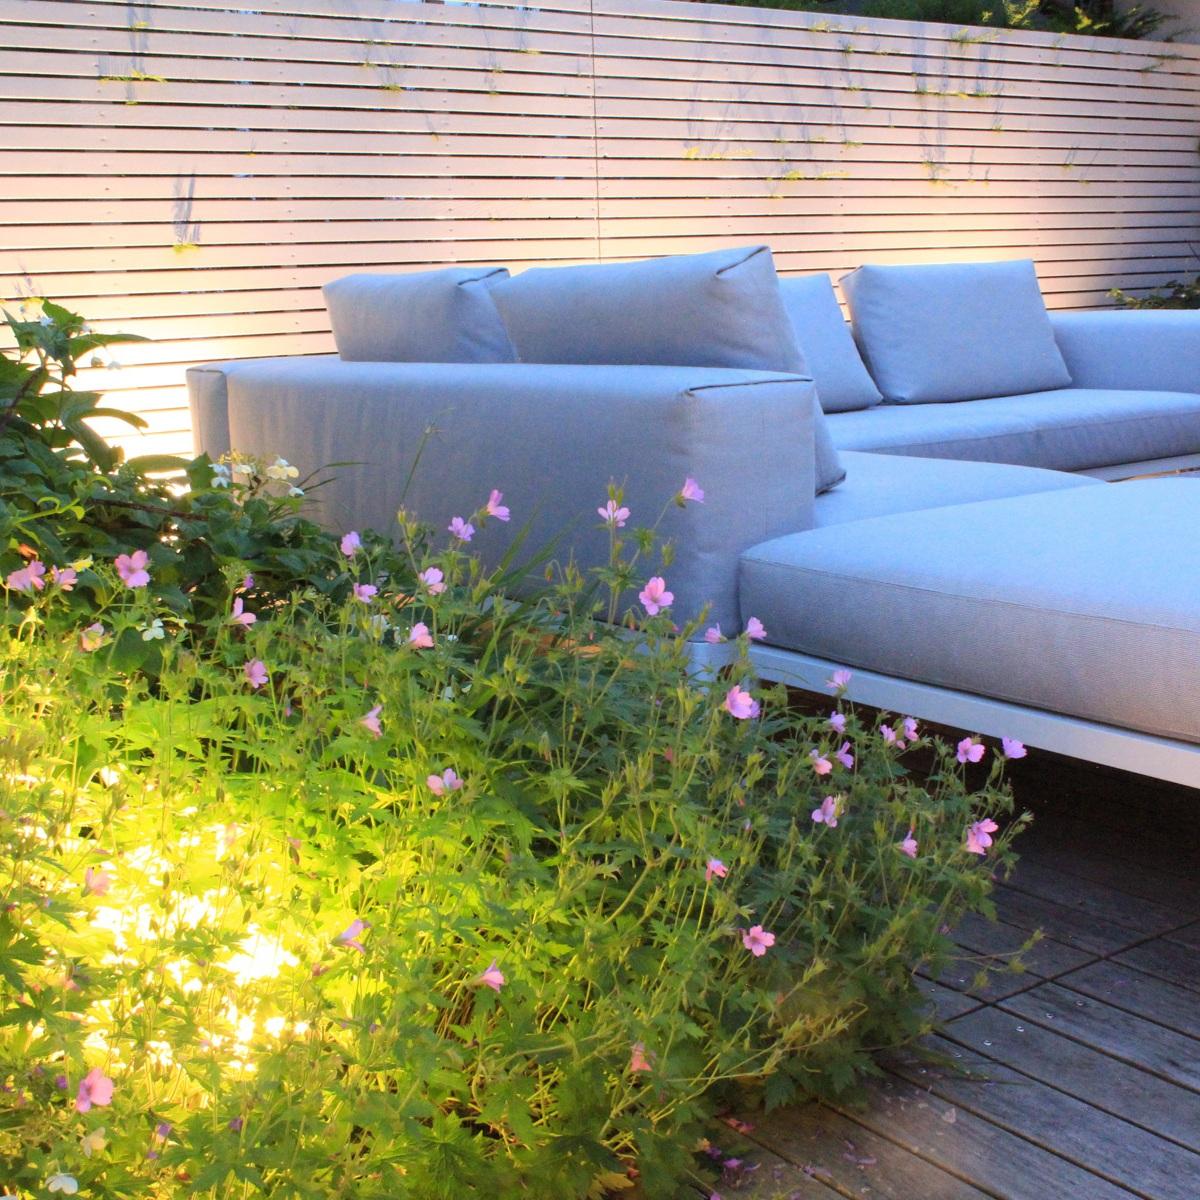 Loungeplatz im Garten mit Beleuchtung